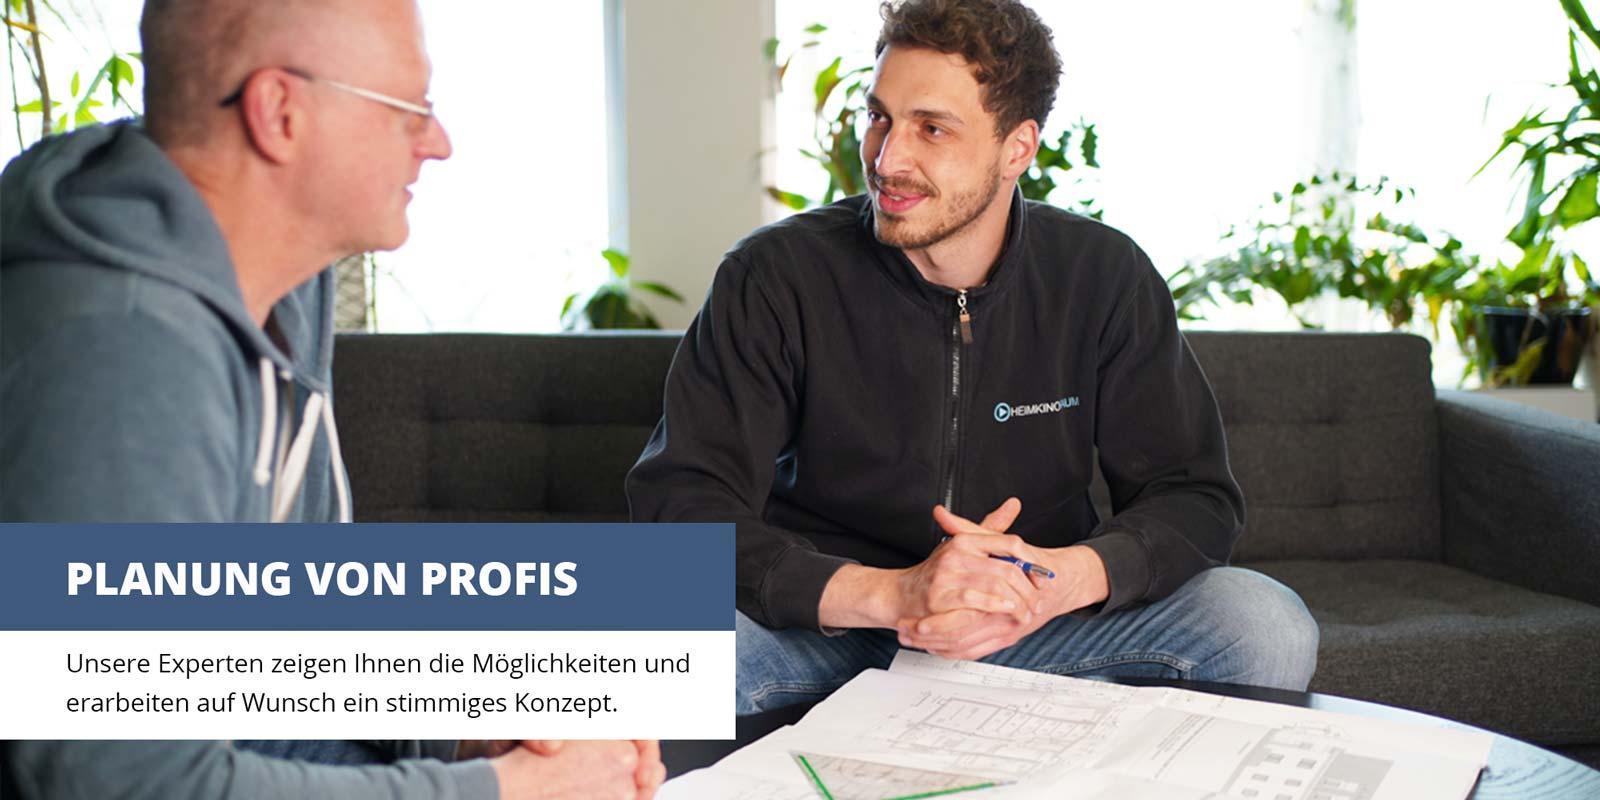 Unsere Experten zeigen Ihnen die Möglichkeiten und erarbeiten auf Wunsch ein stimmiges Konzept.